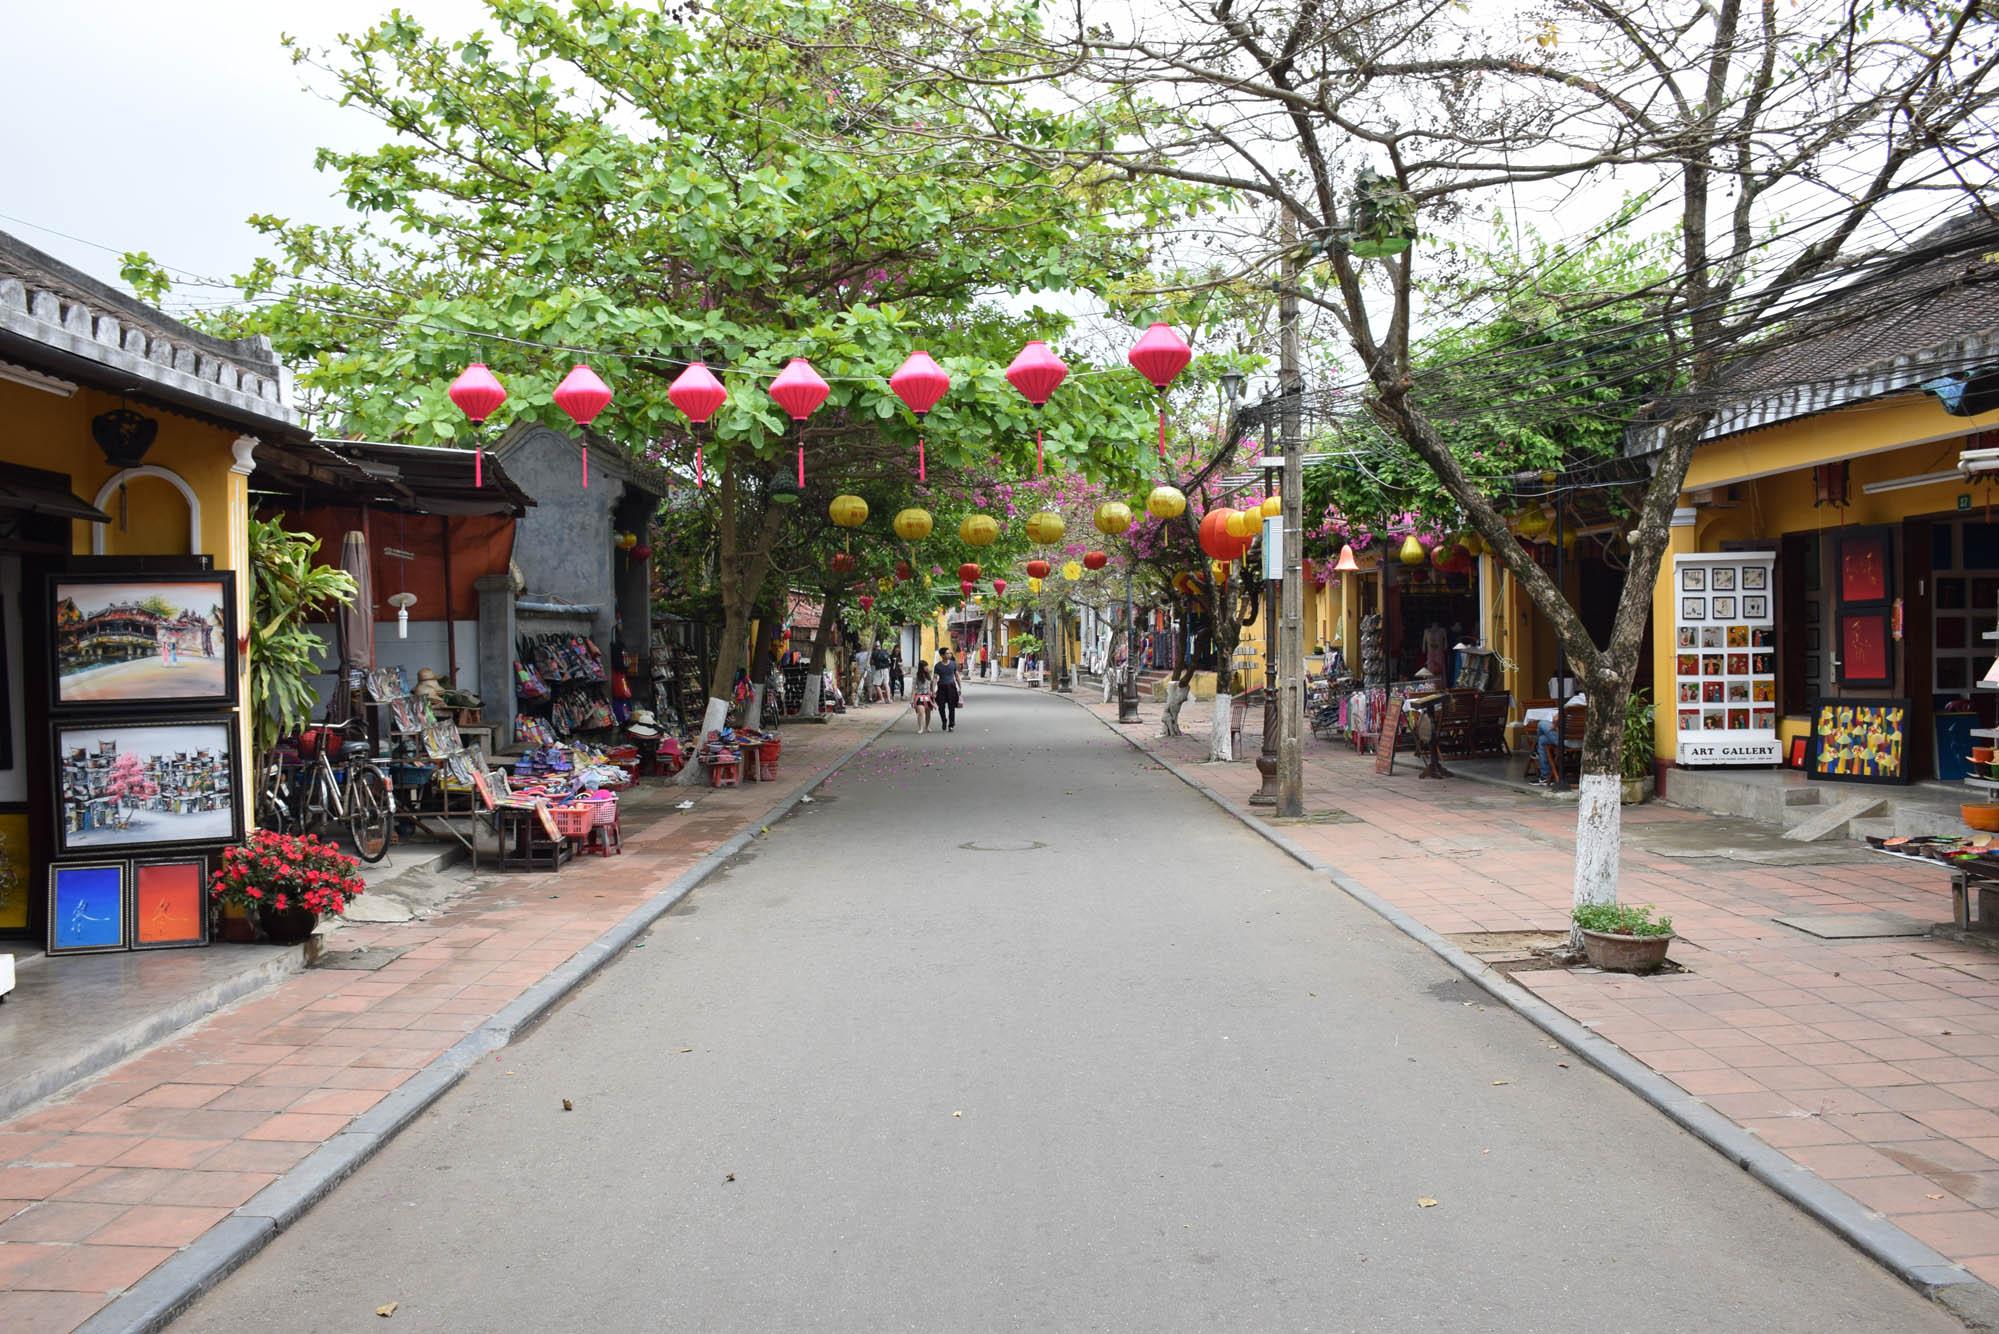 De manhã cedinho, quando não há quase ninguém nas ruas de Hoi An.